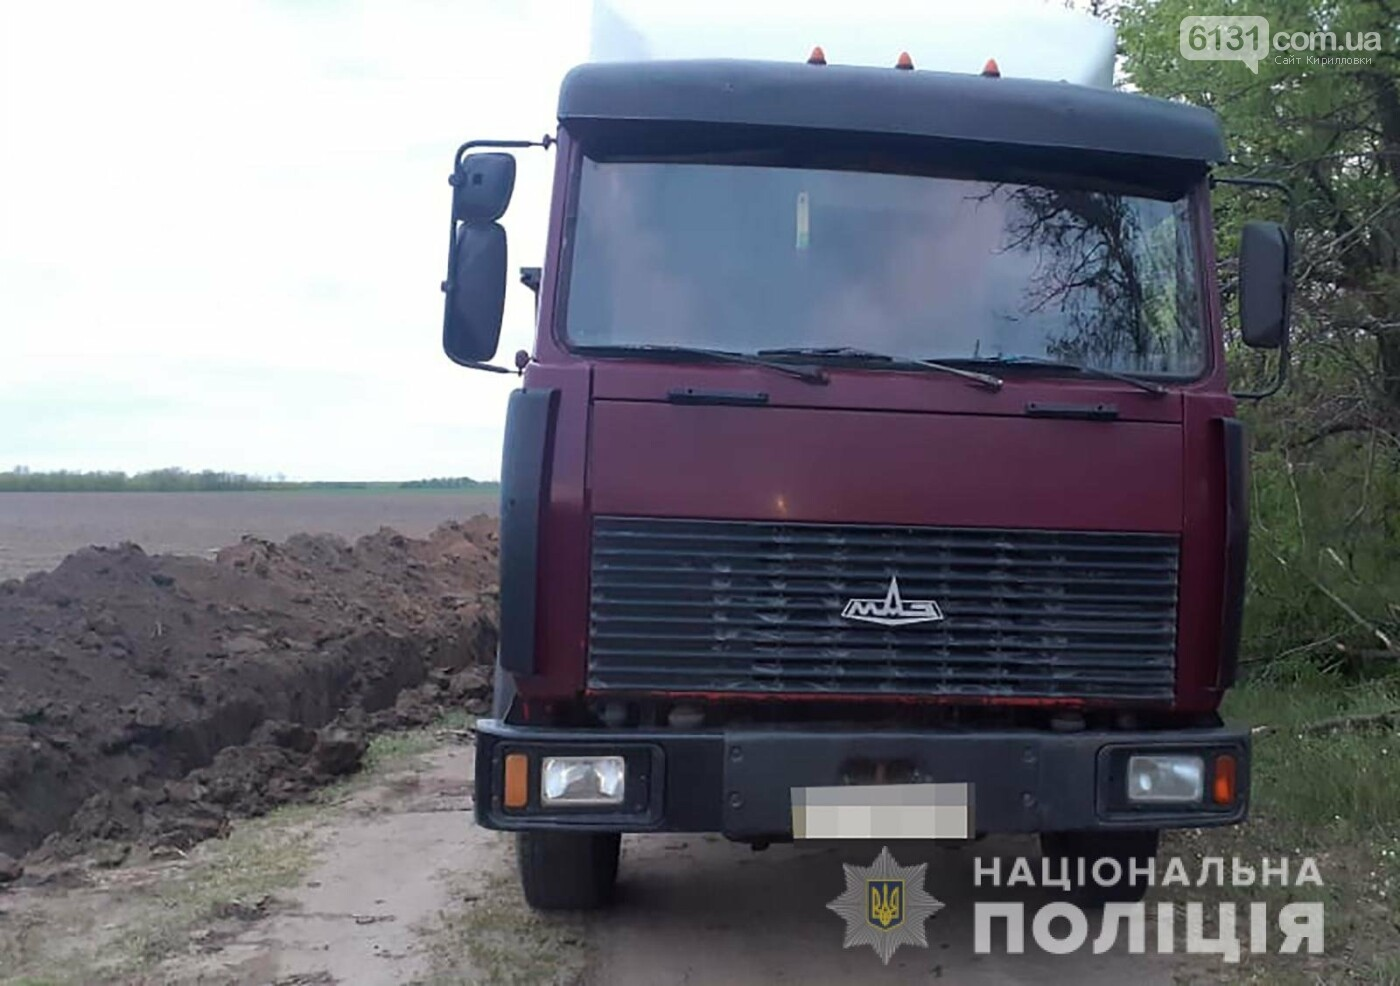 На території Якимівського району затримали крадіїв труб системи зрошення, фото-3